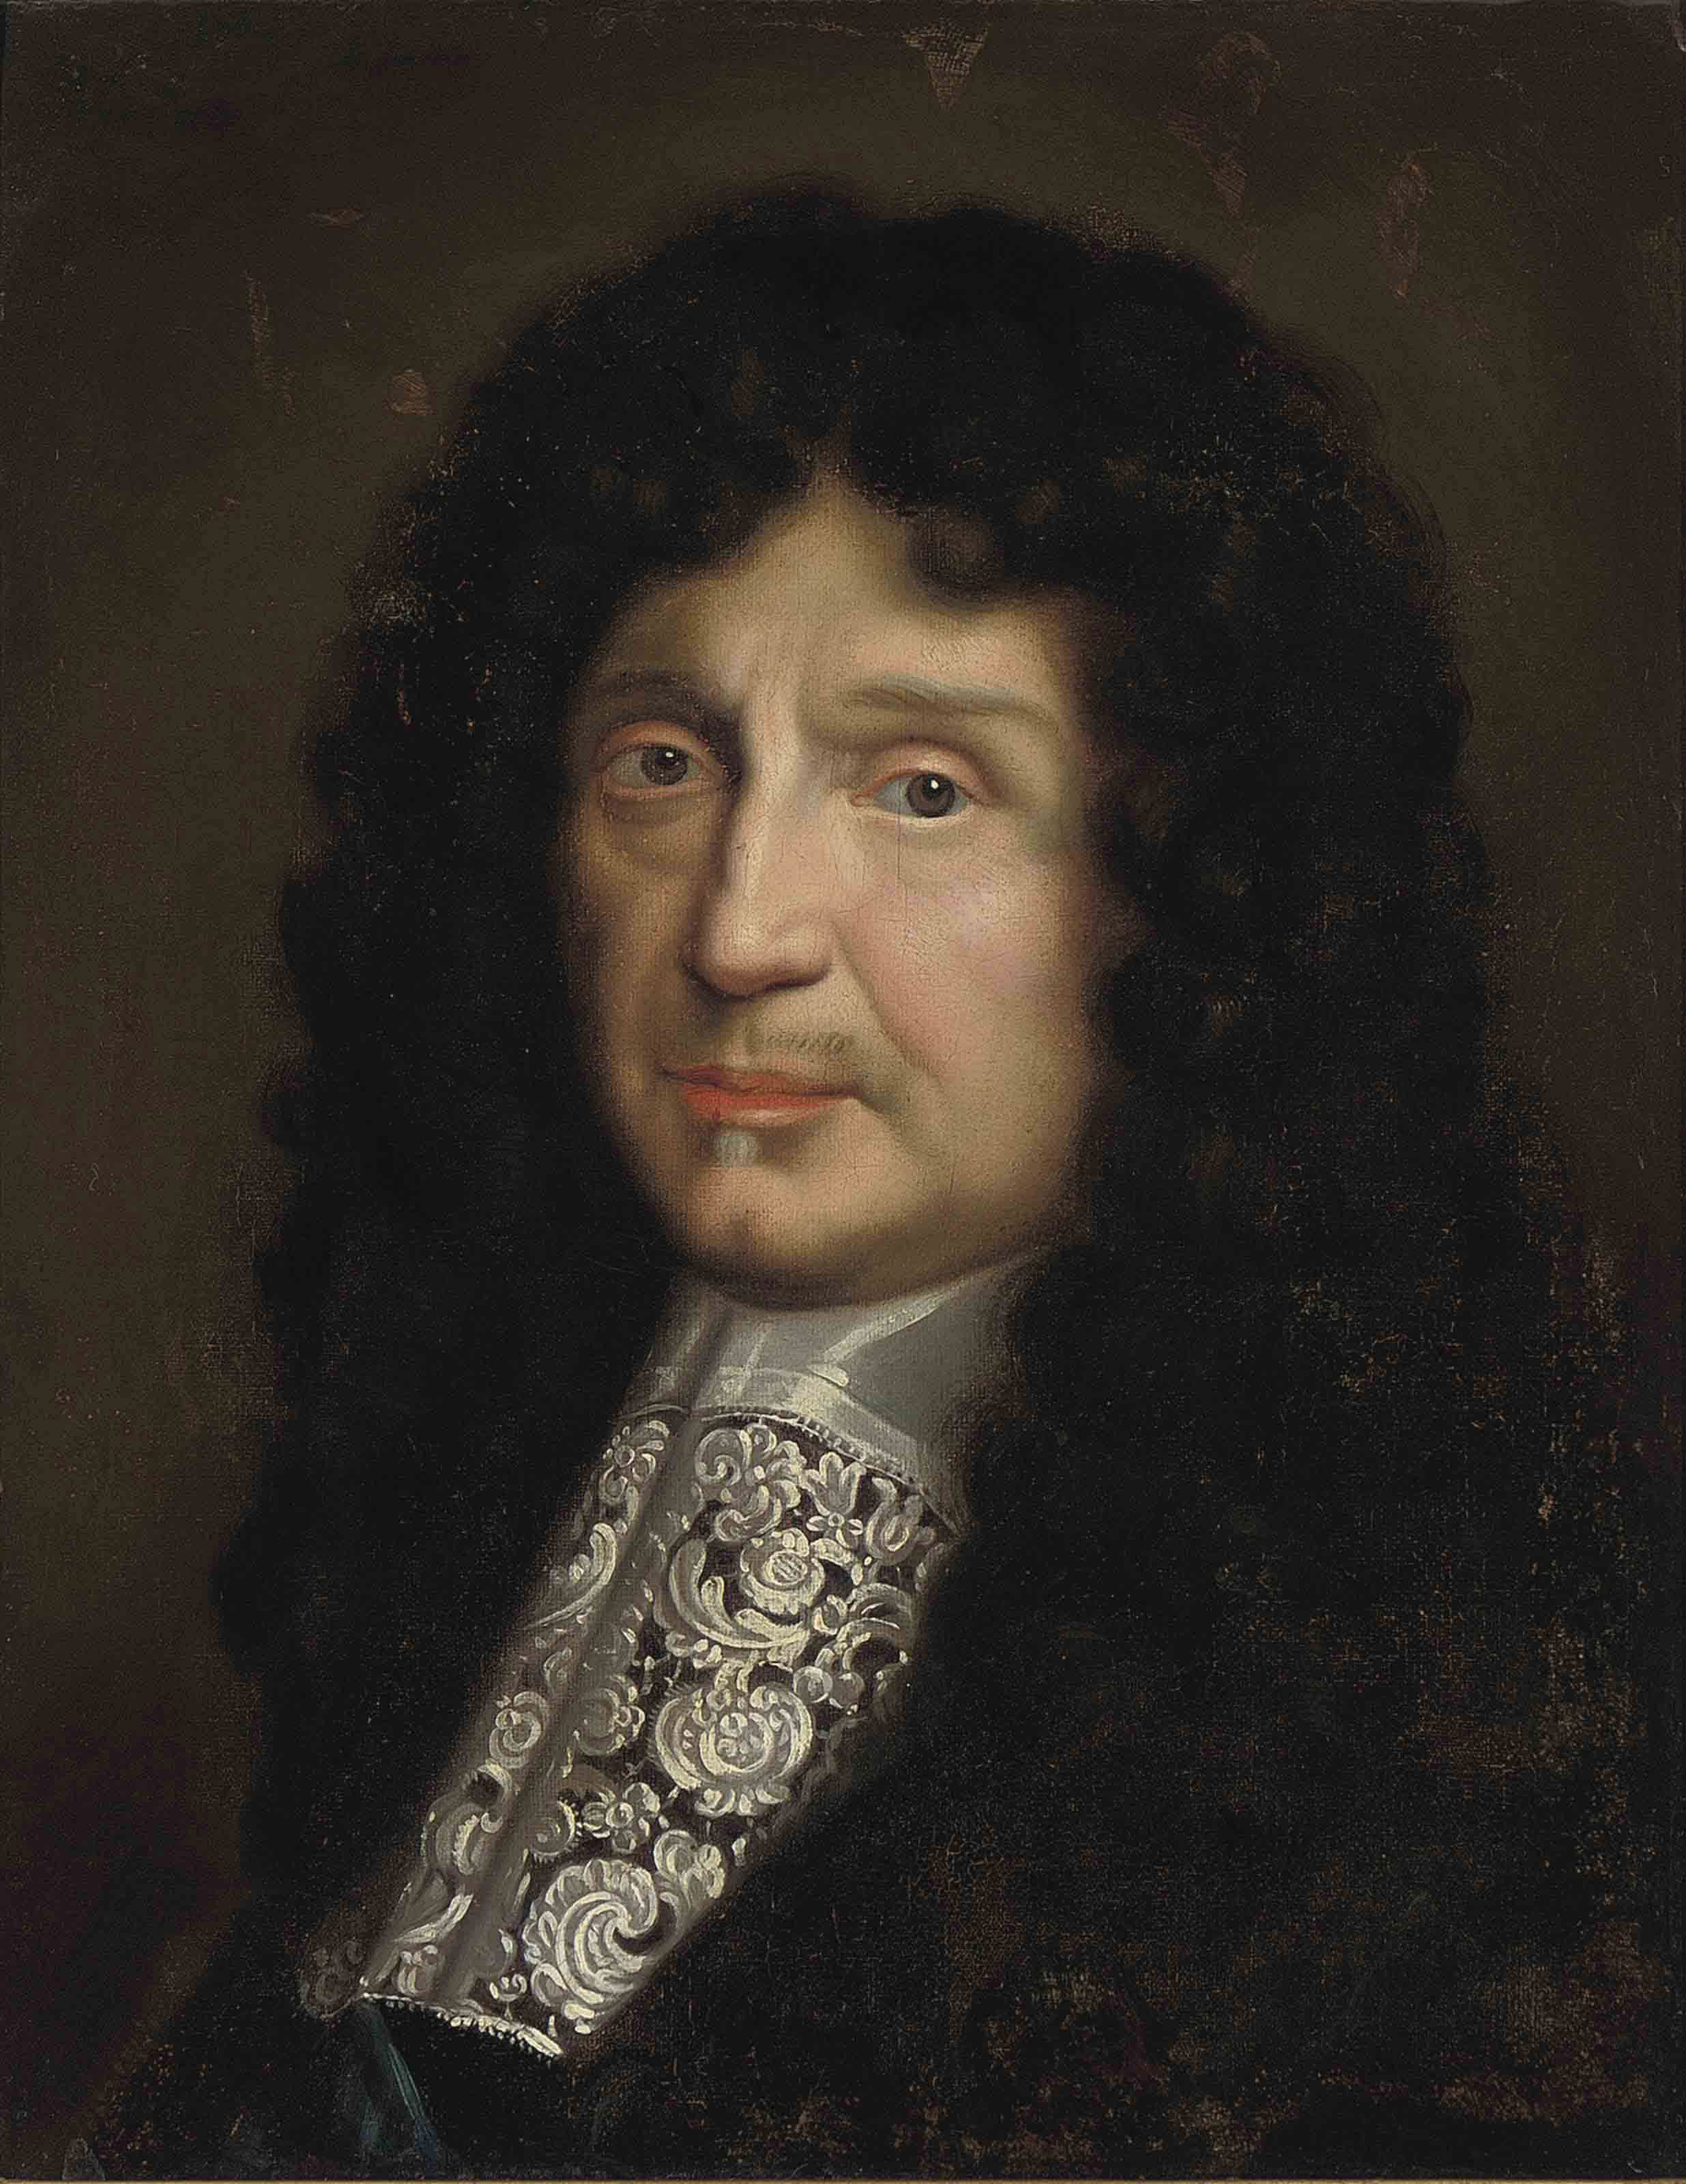 Portrait of Jean-Baptiste Antoine Colbert, Marquis de Seignelay, bust-length, in a black coat, with lace cravat